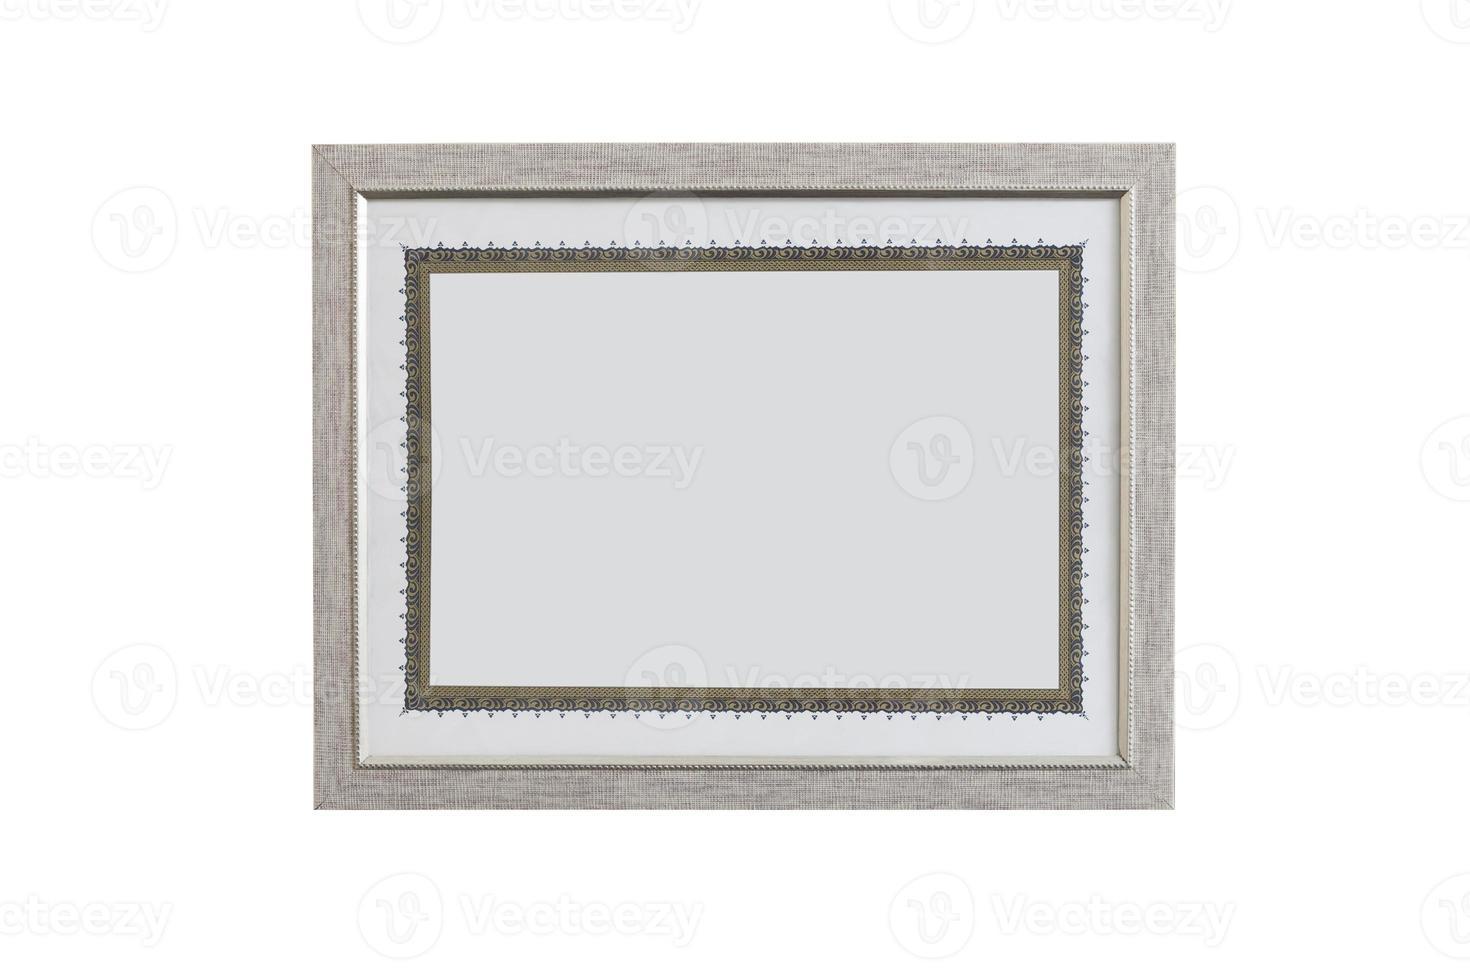 modelo de diploma em branco em um quadro (incluindo traçado de recorte) foto